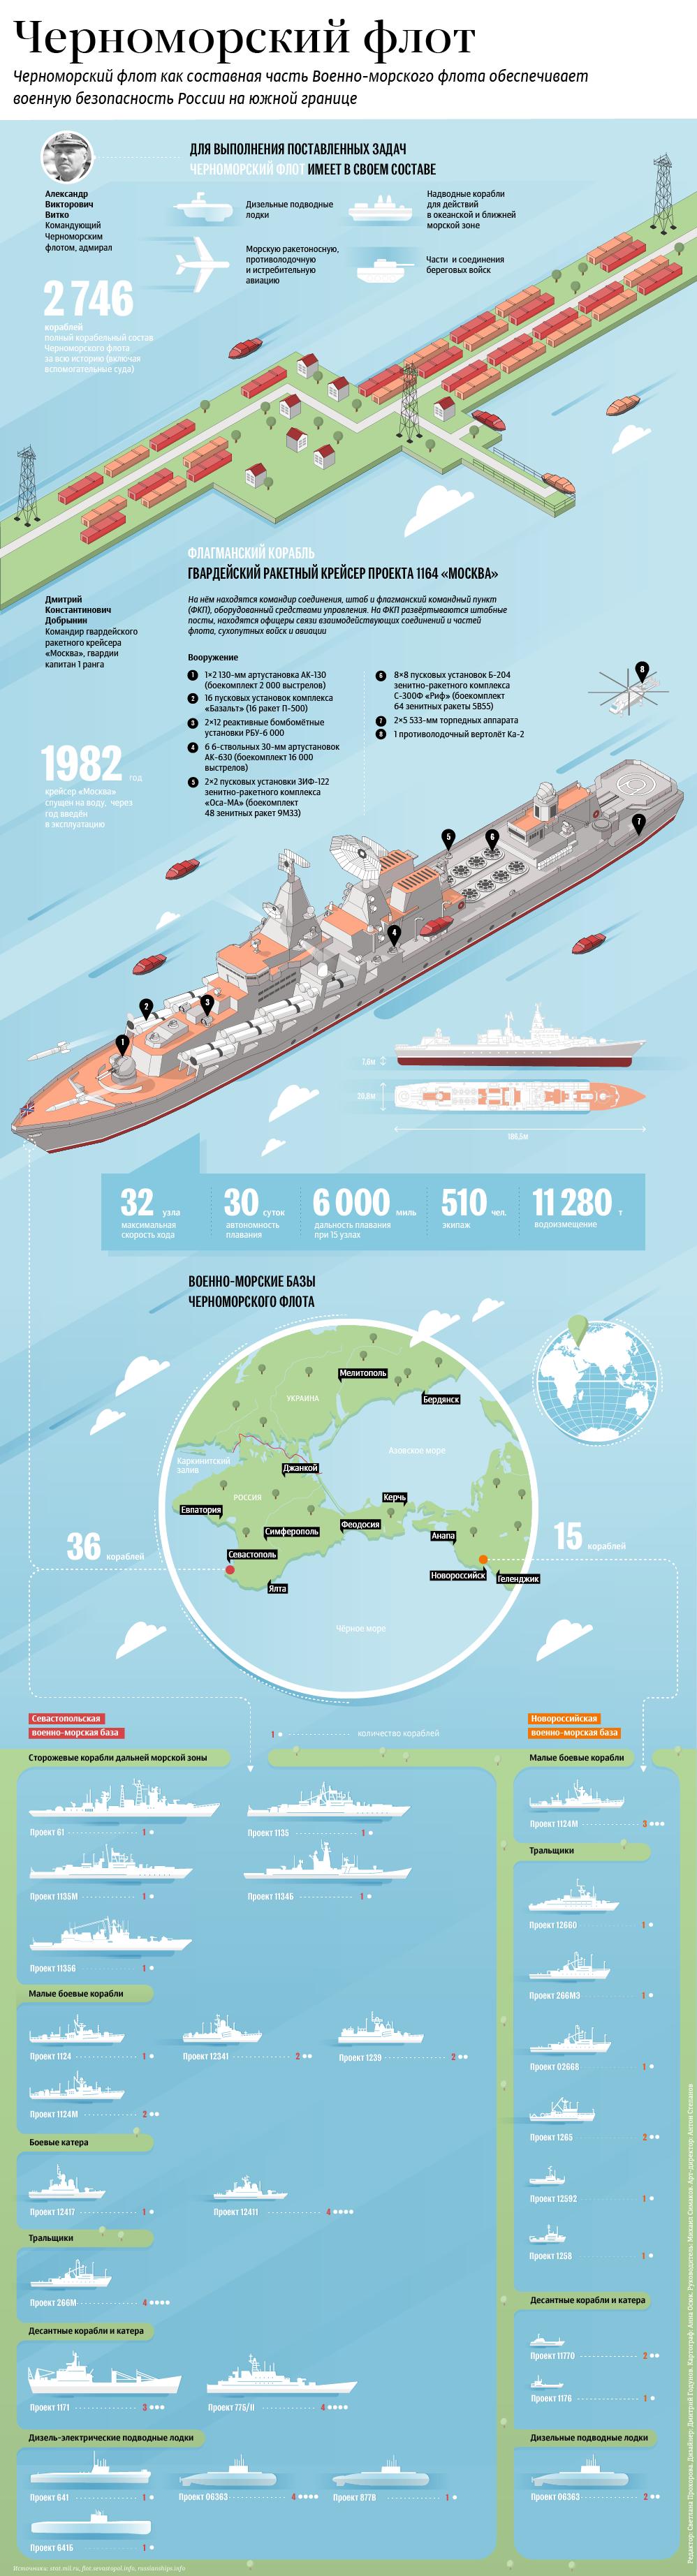 Состав Черноморского флота России